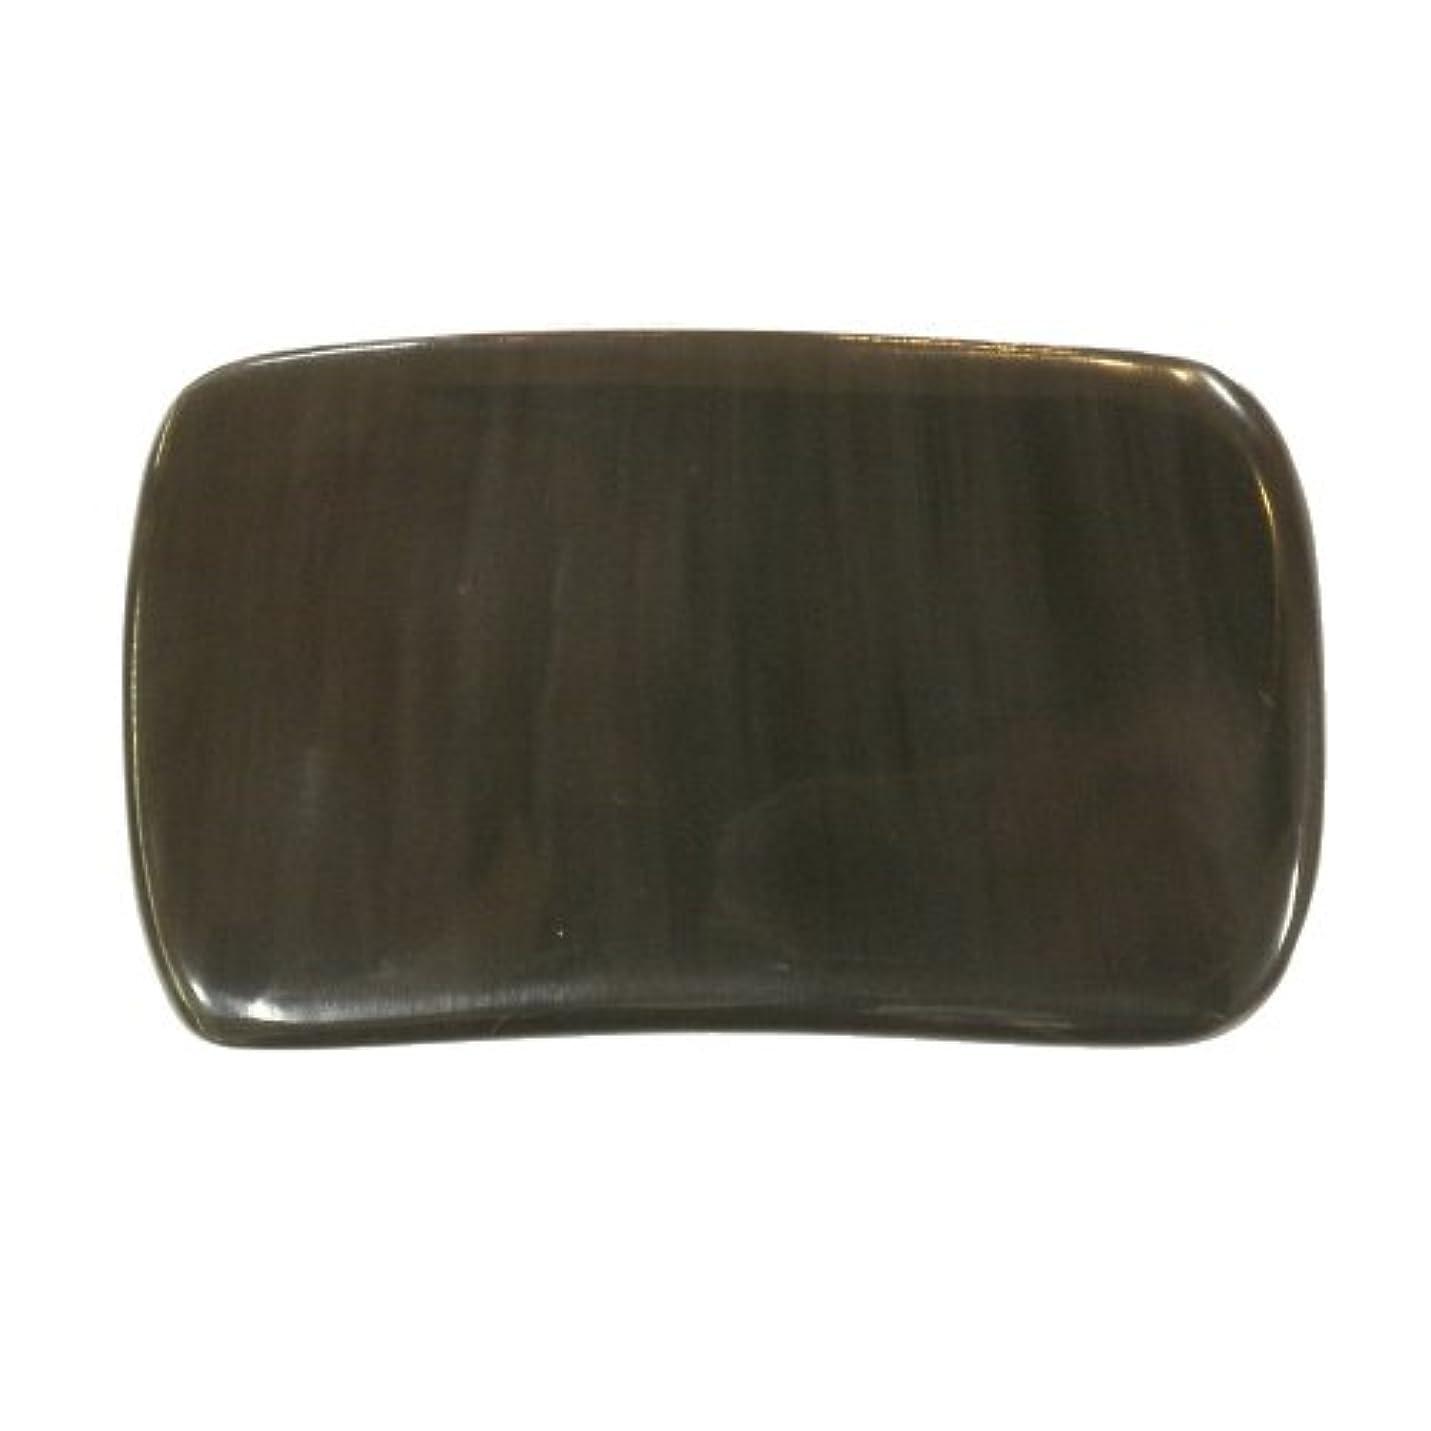 かっさ プレート 厚さが選べる ヤクの角(水牛の角) EHE268SP 長方形大 特級品 厚め(7ミリ程度) 穴あり